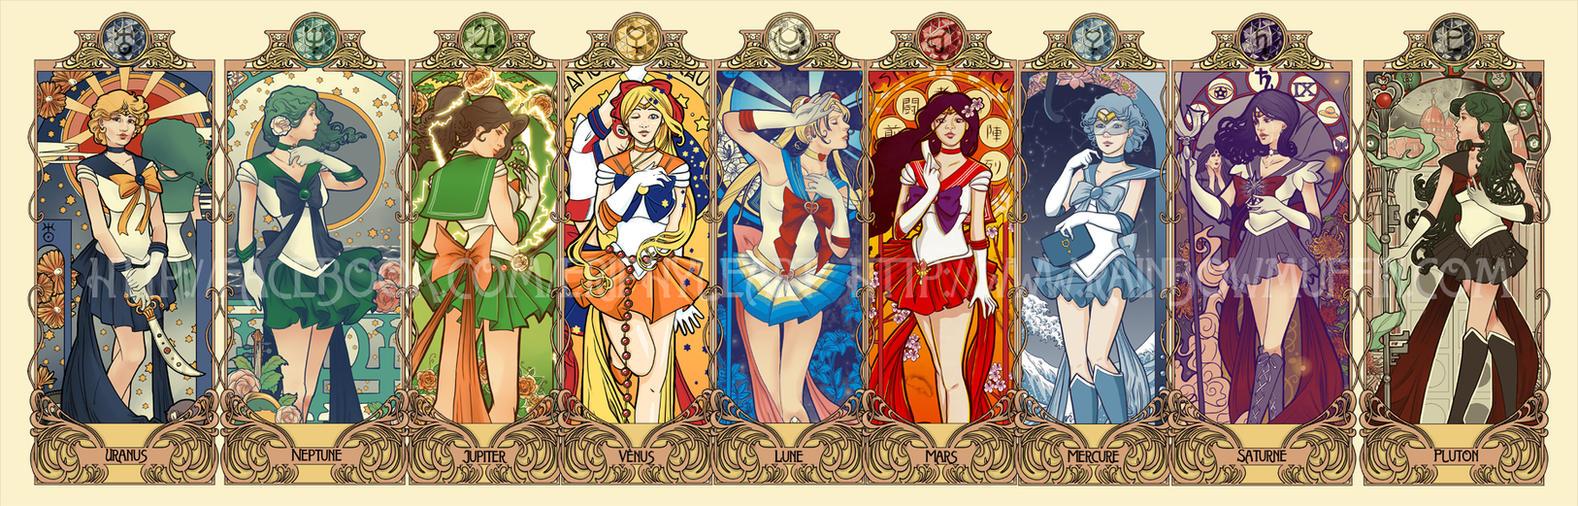 Sailor Moon art nouveau series by eri-phyle